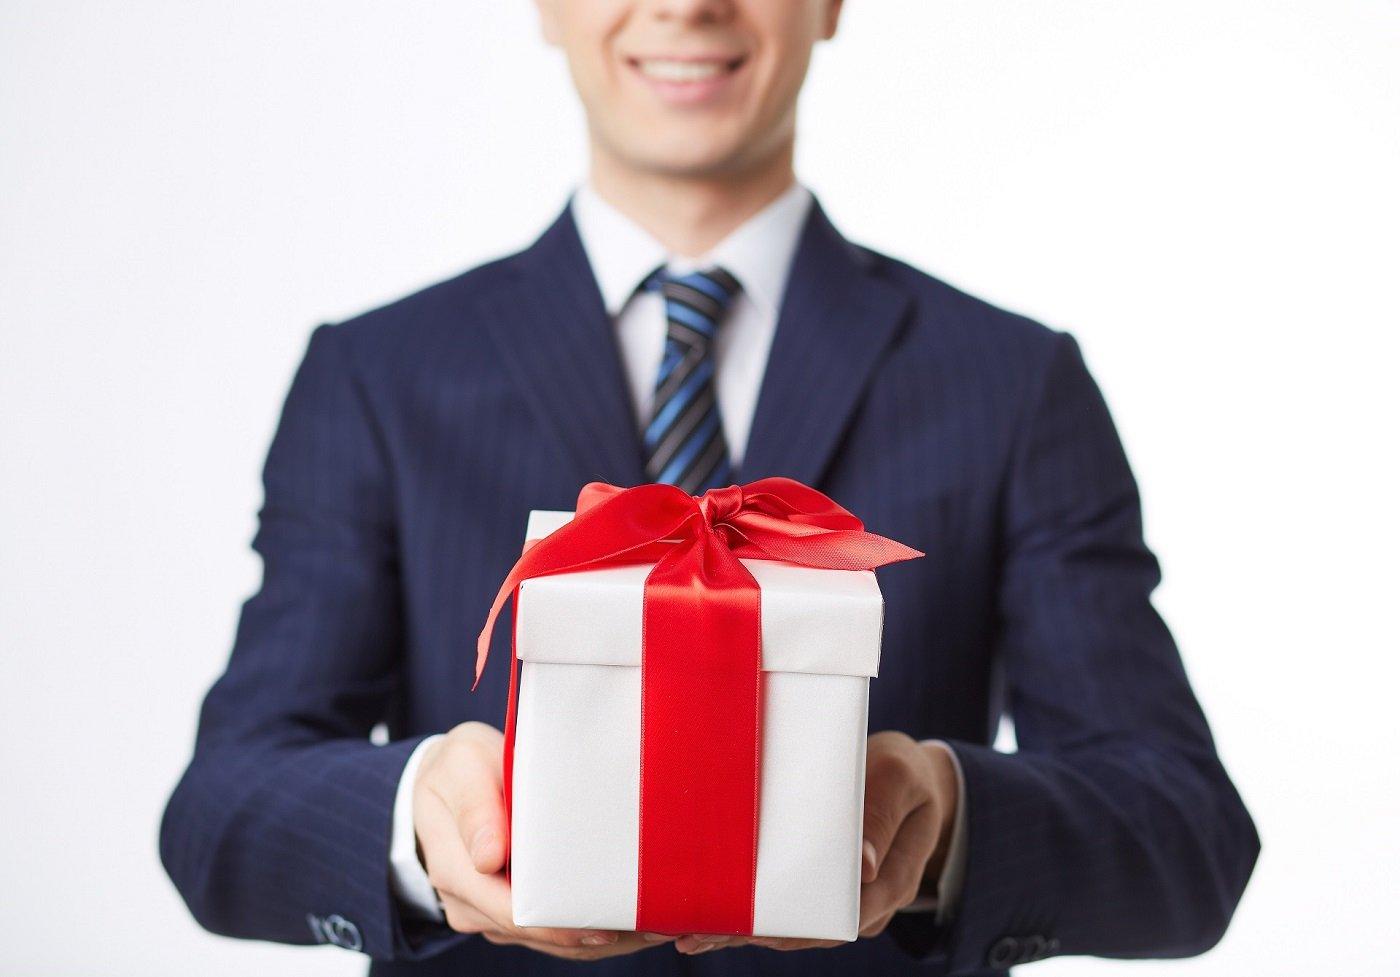 Đối tượng nhận quà